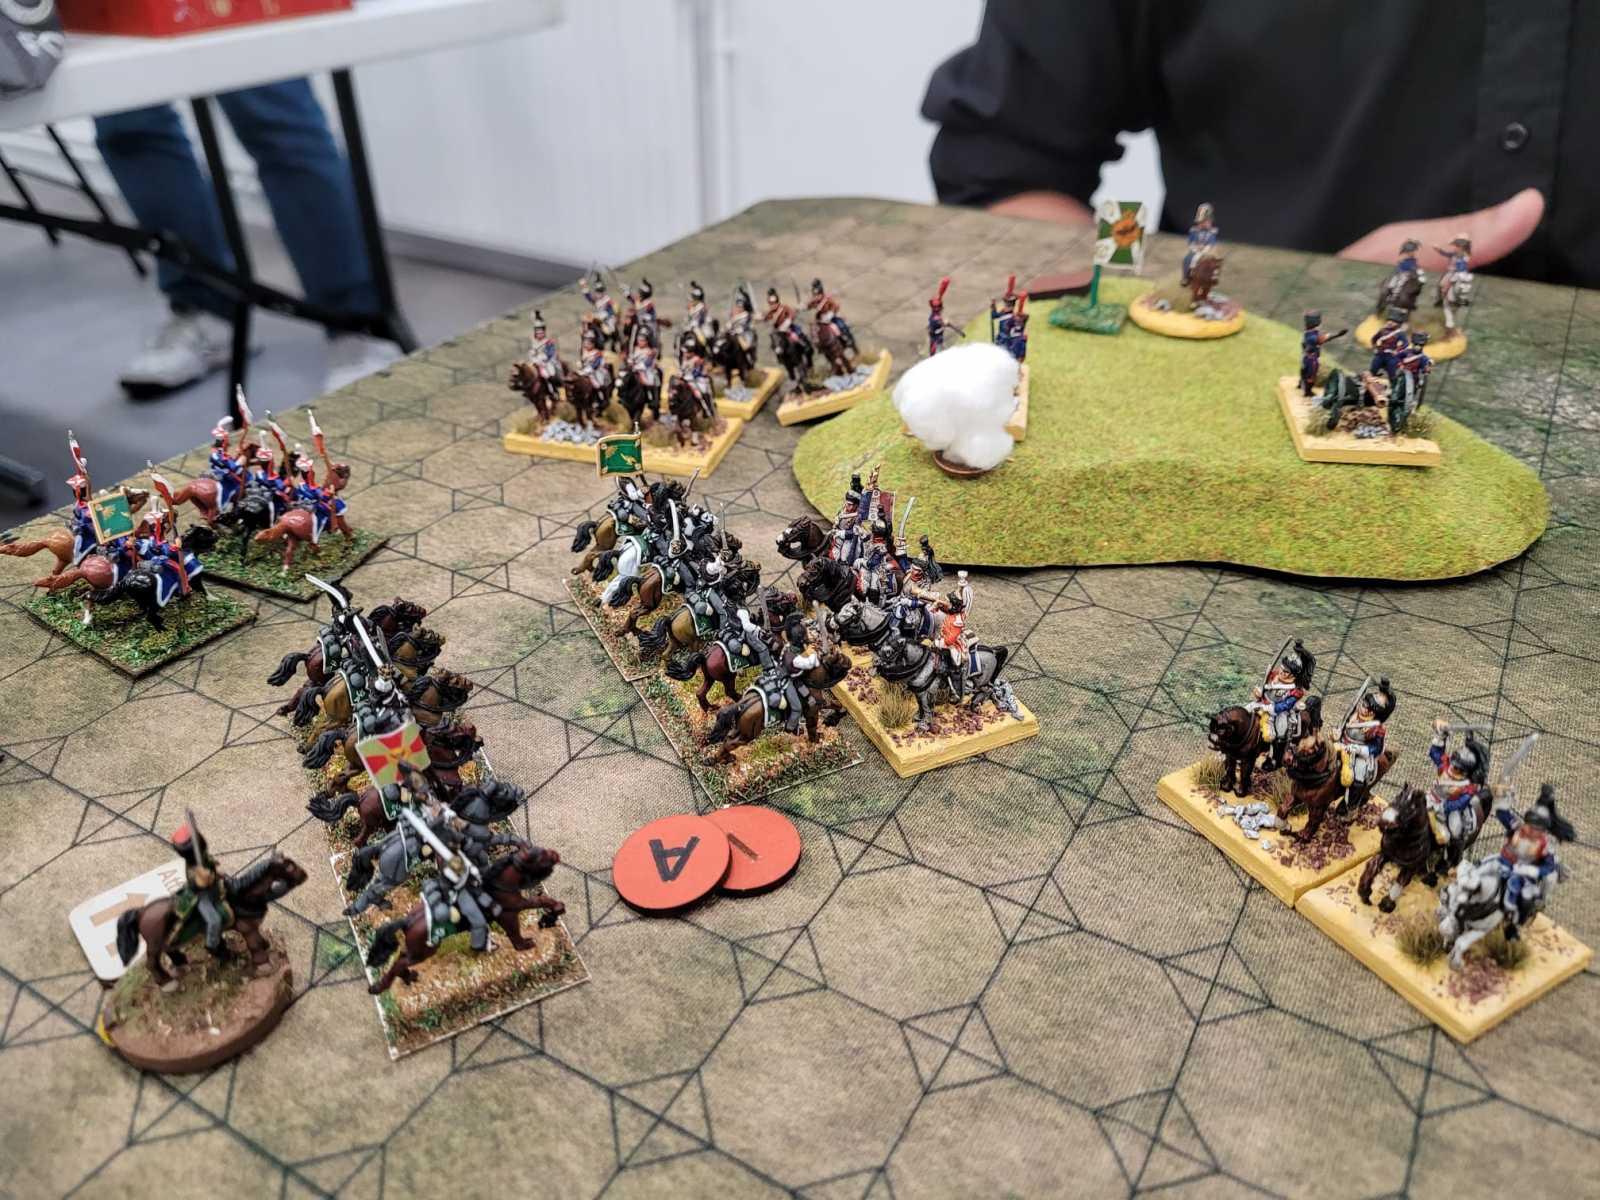 Les Français sont délogés de leur colline par une cavalerie Russe en furie.